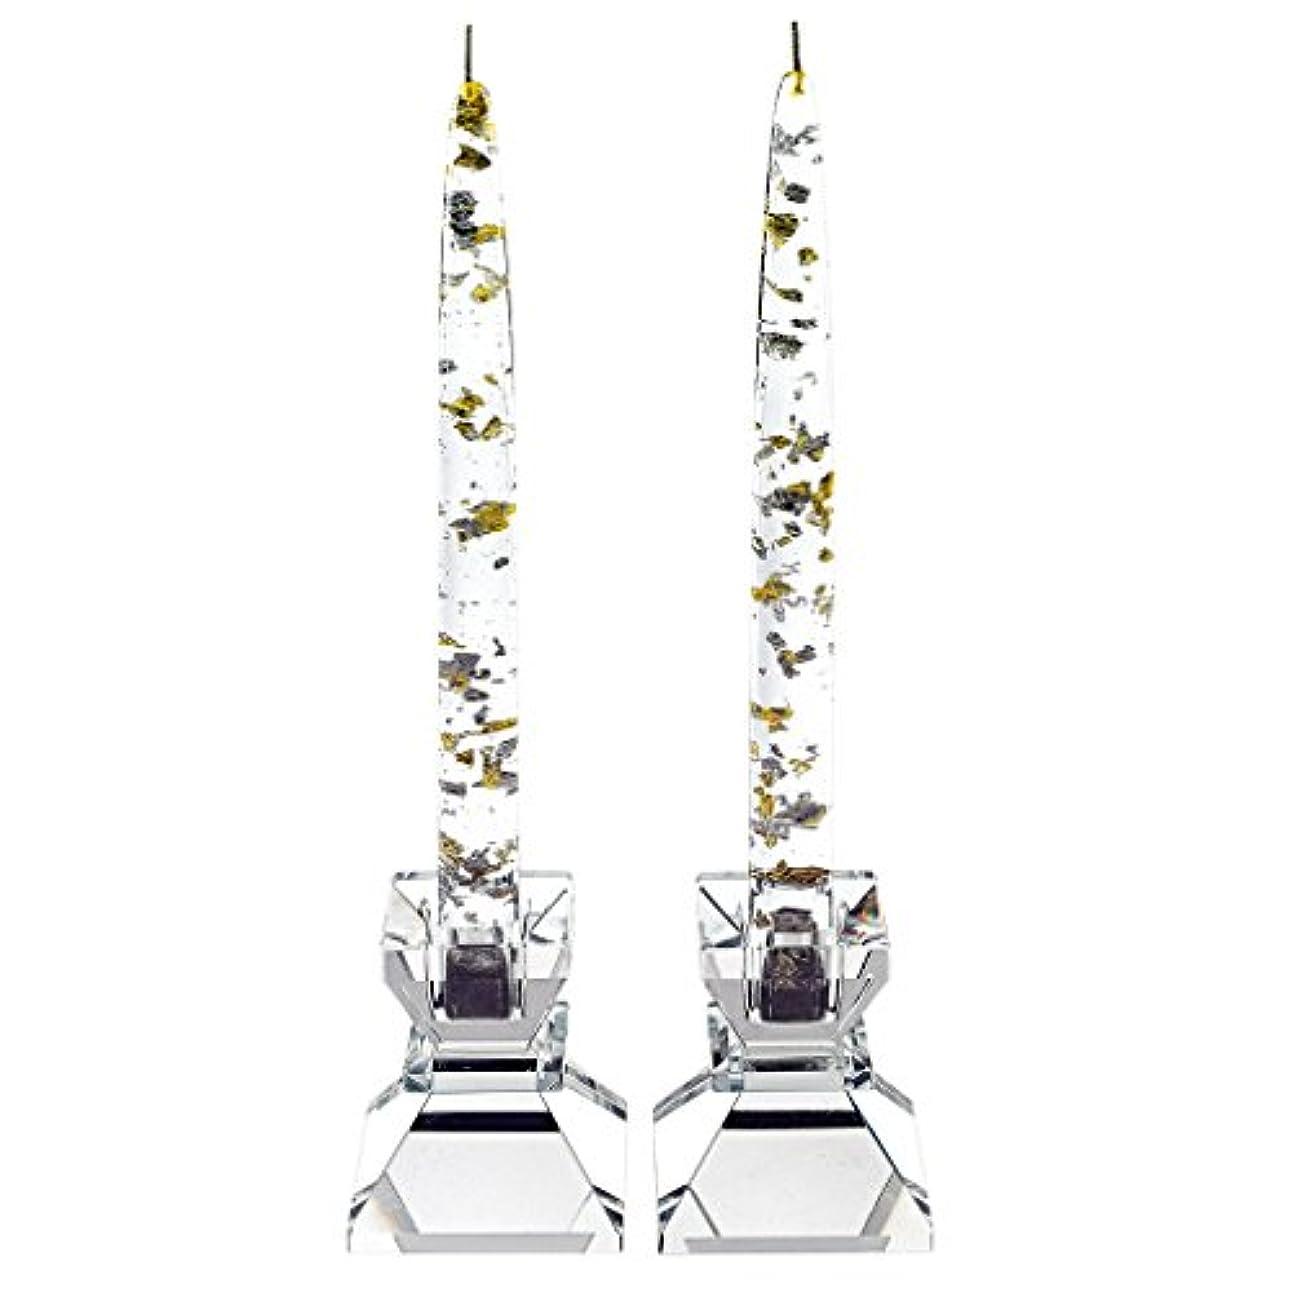 キャベツ大胆テンポBadash Crystal G120 SILVER - GOLD FLECK 10 in. CANDLE